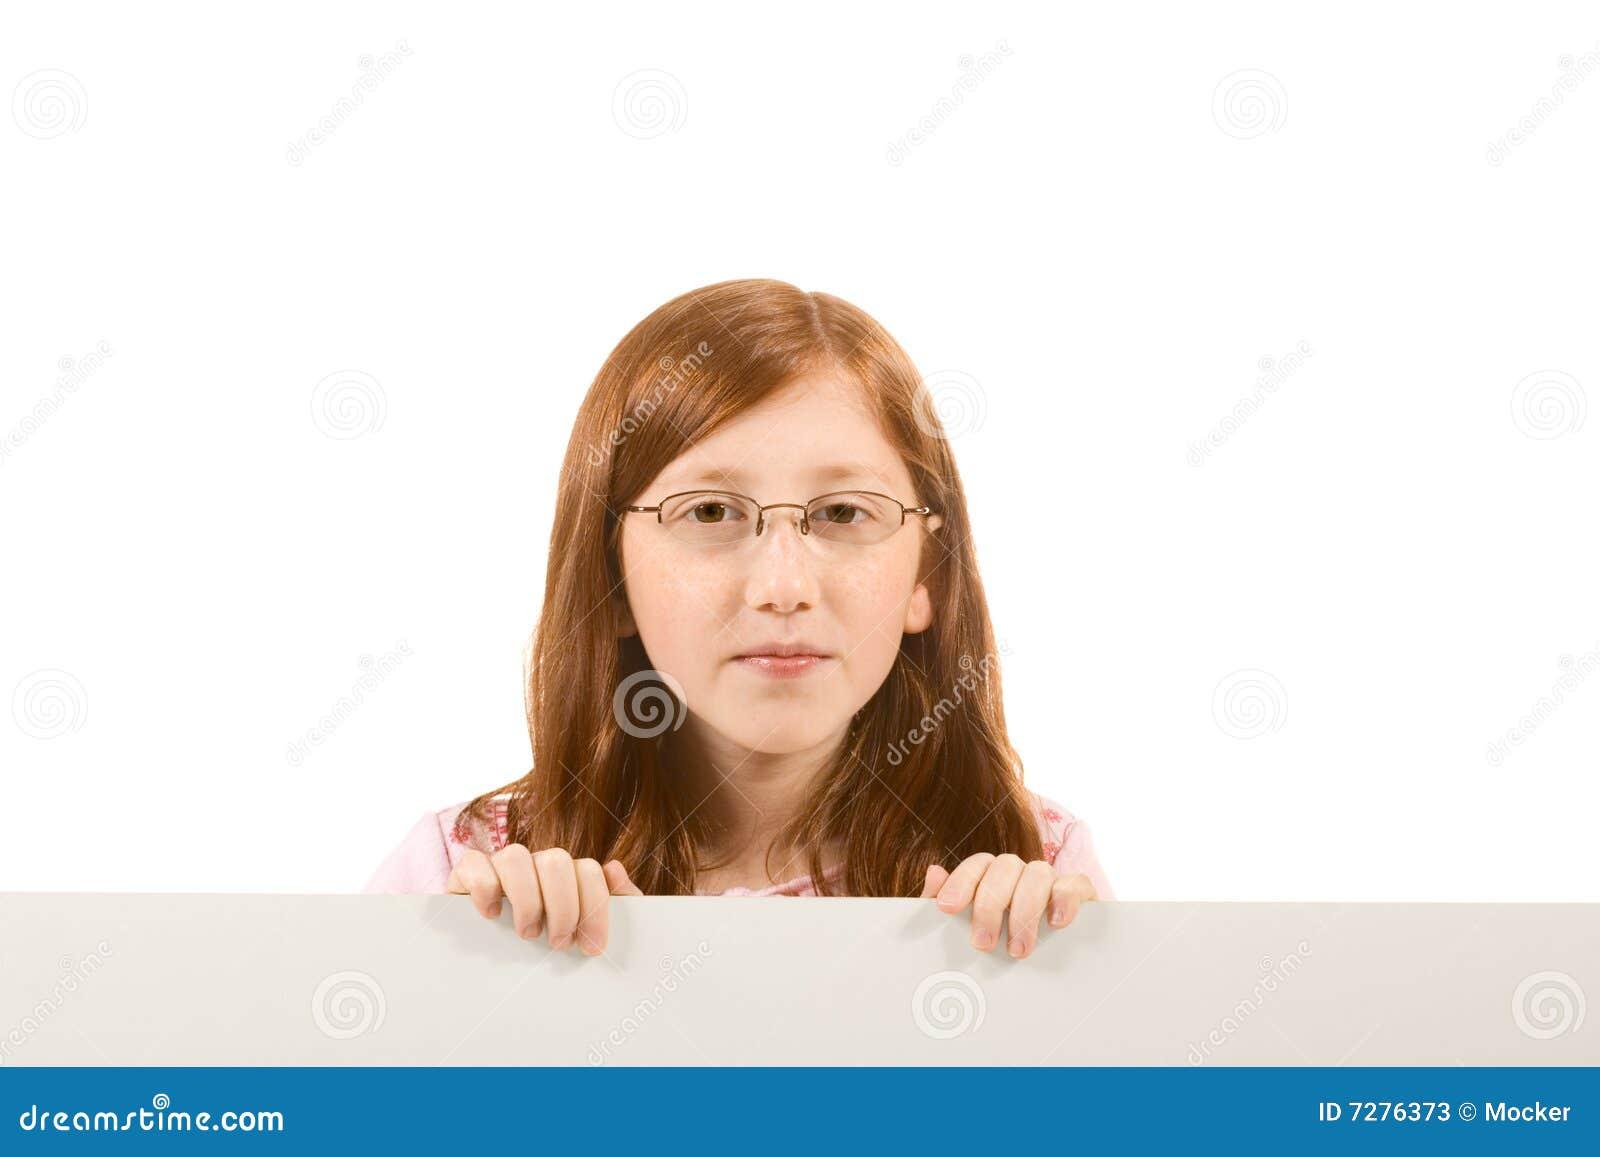 Leeg teken - rood hoofdmeisje in glazen (exemplaarruimte